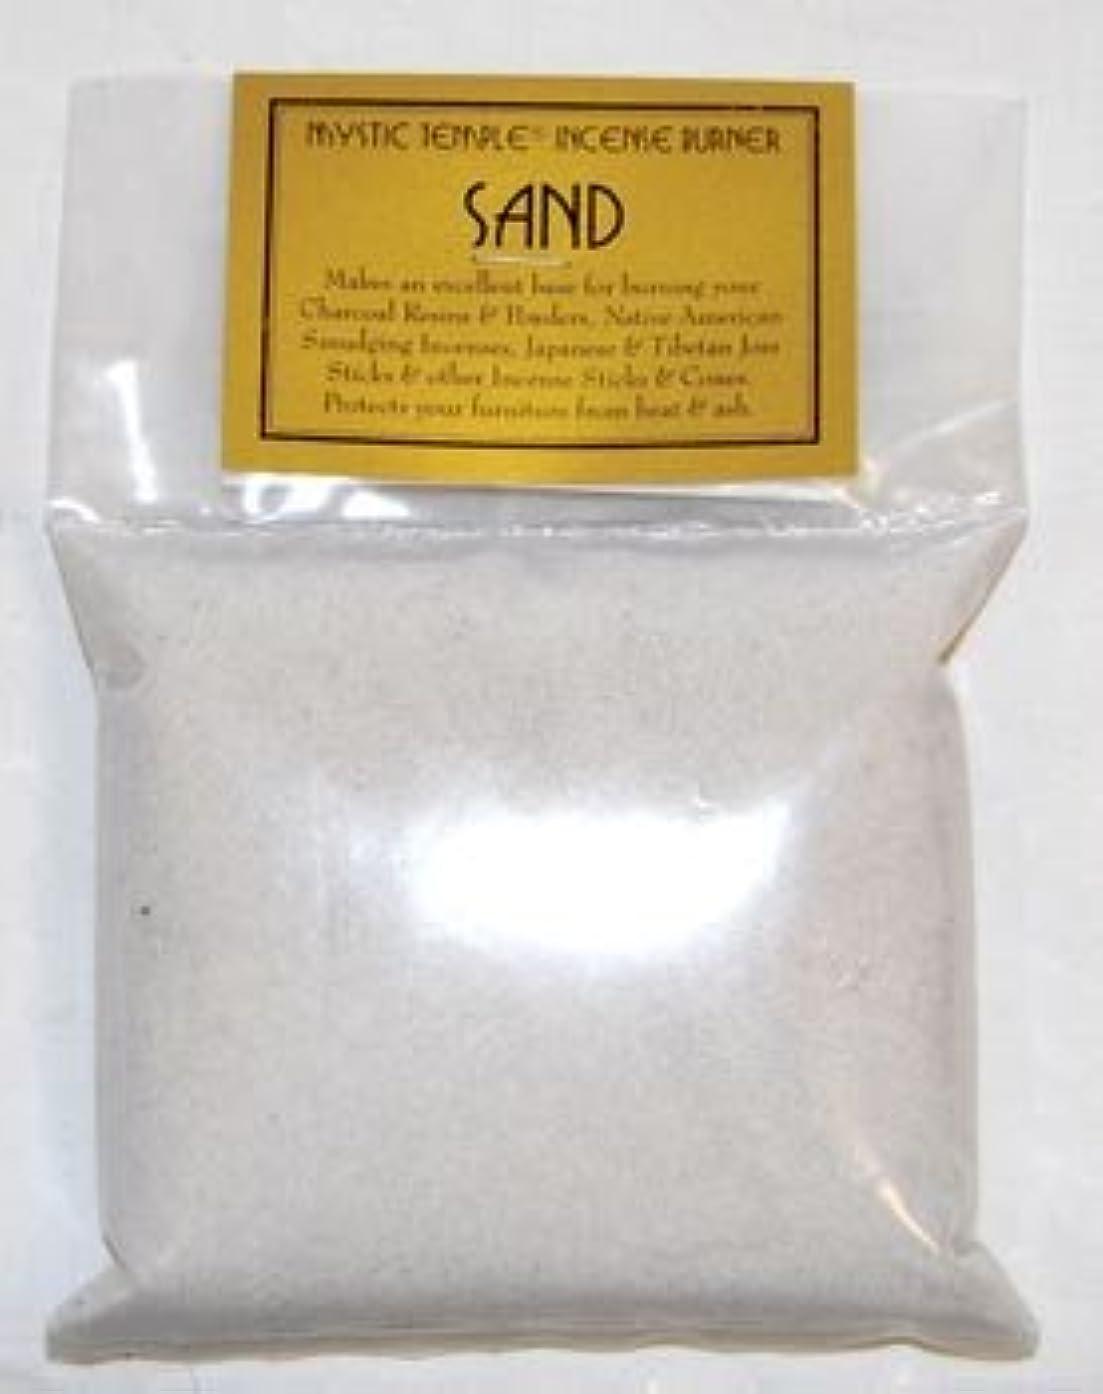 煙ホバー実現可能新しい1lbホワイト香炉砂( Incense Burners、チャコール、アクセサリー